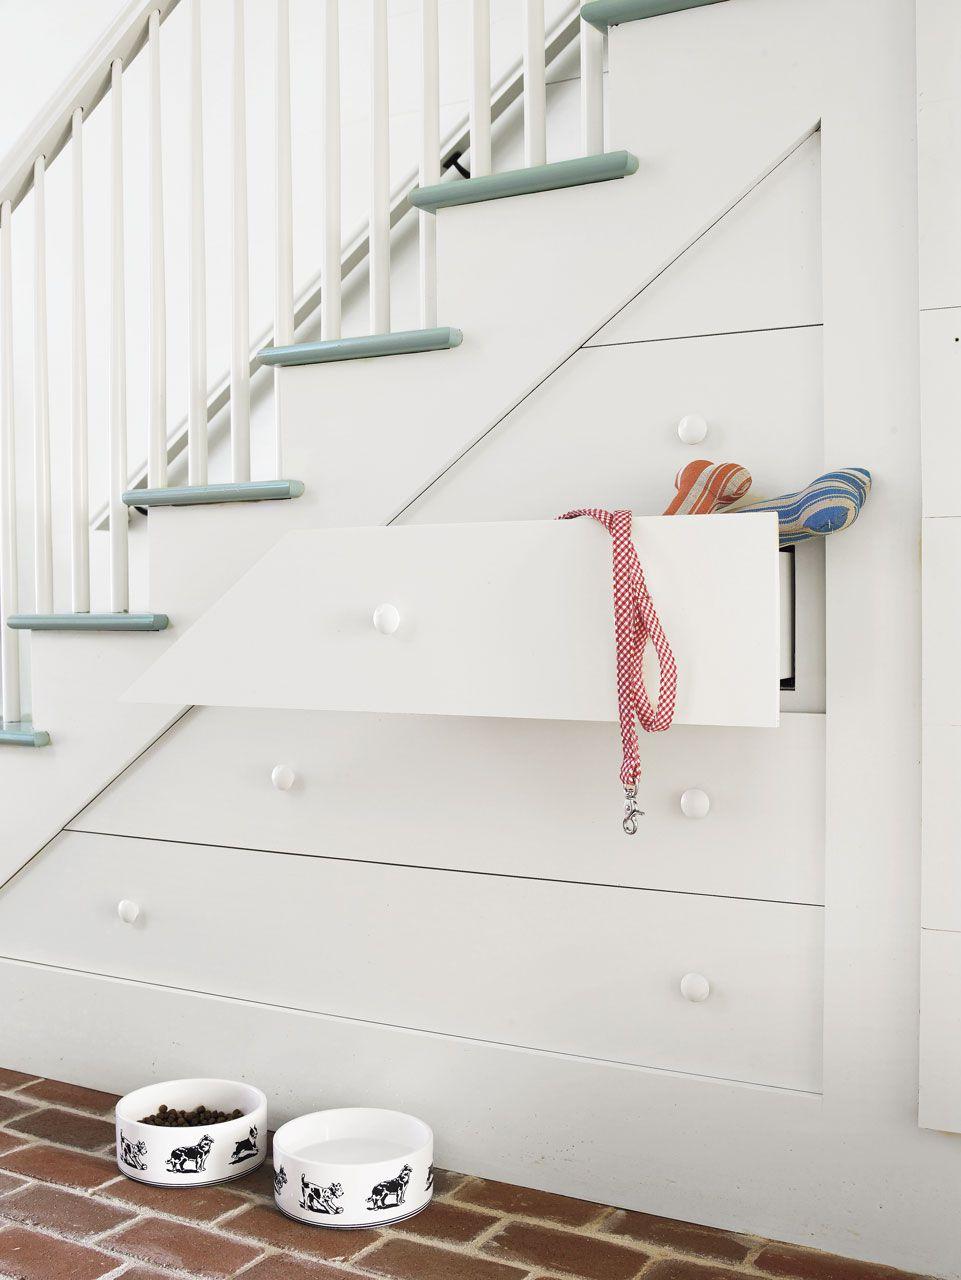 Organized staircase